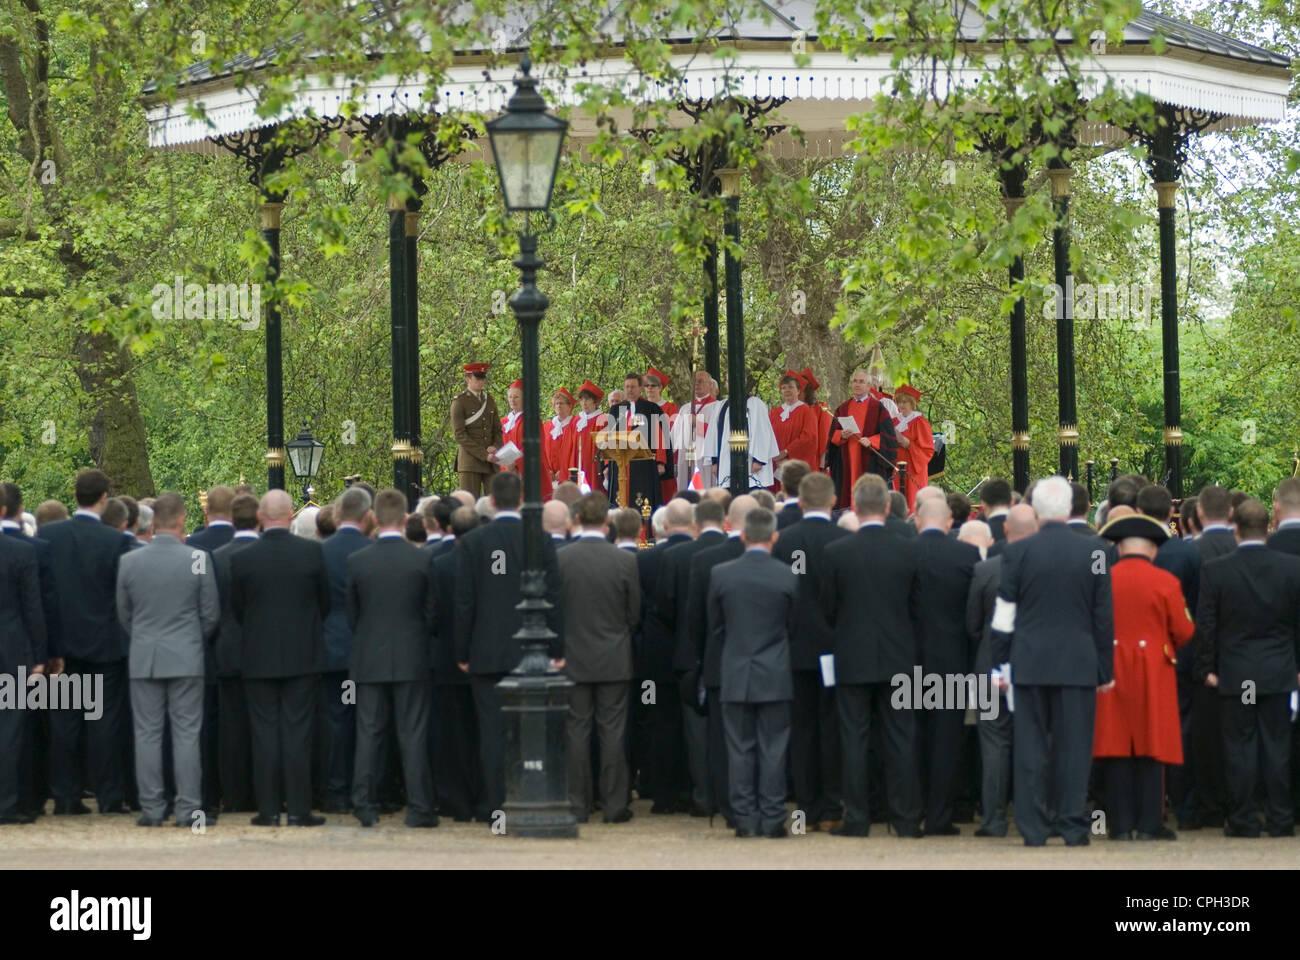 Cavalerie combiné vieux camarades Association et parade Hyde Park Londres Royaume-Uni. Le service de l'Hyde Photo Stock